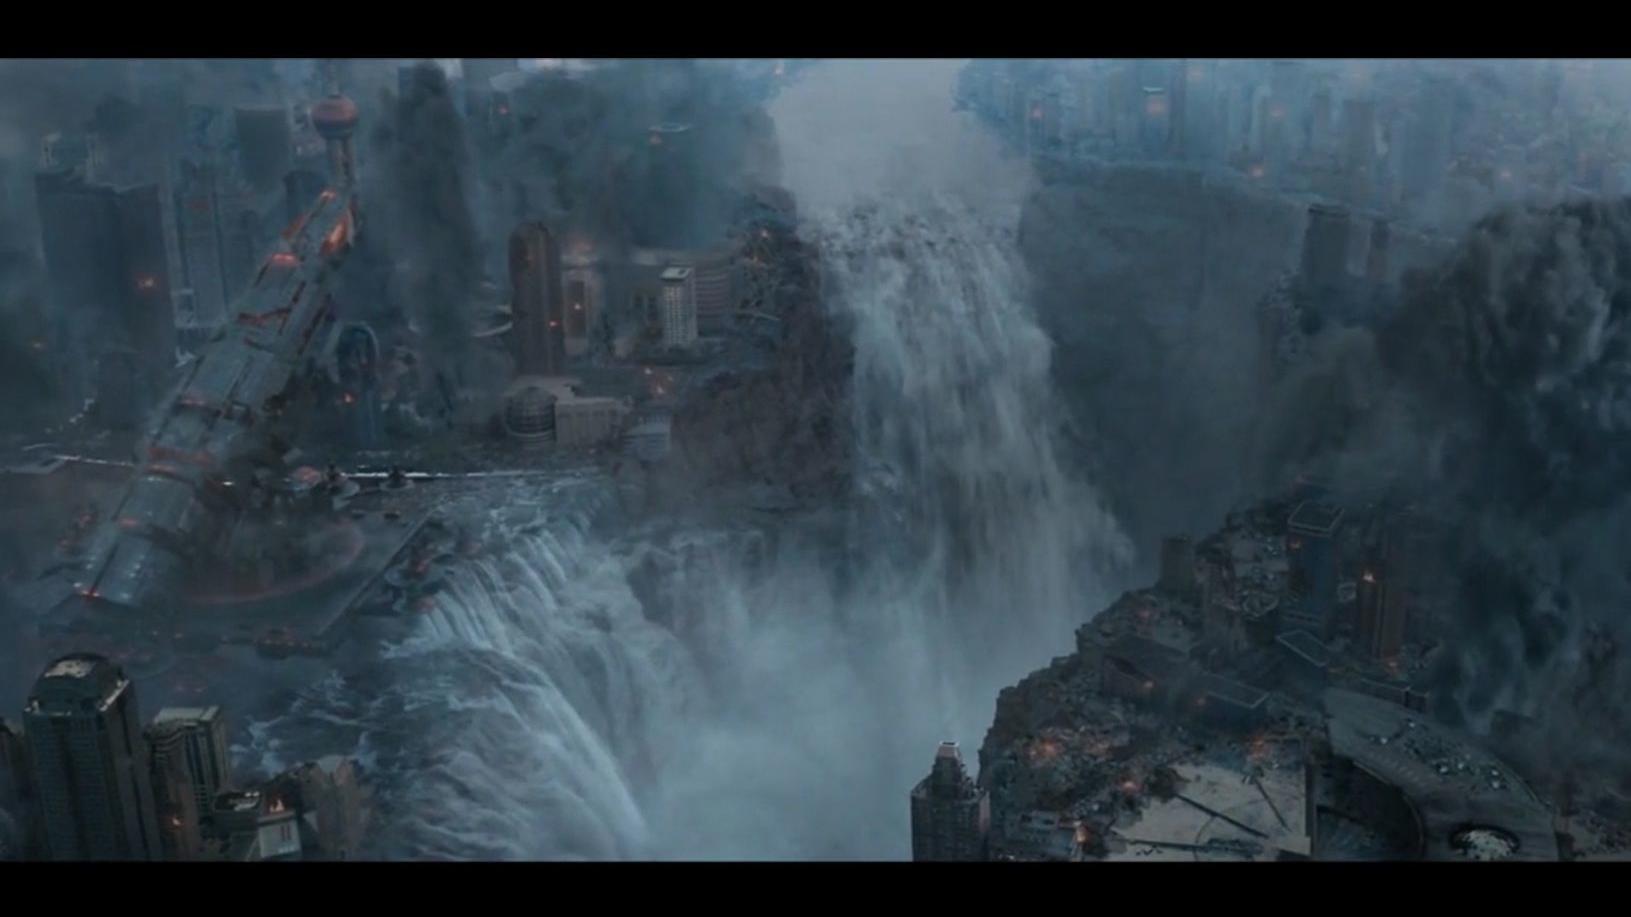 《上海堡垒》大炮开炮那一刻,感觉经费在燃烧